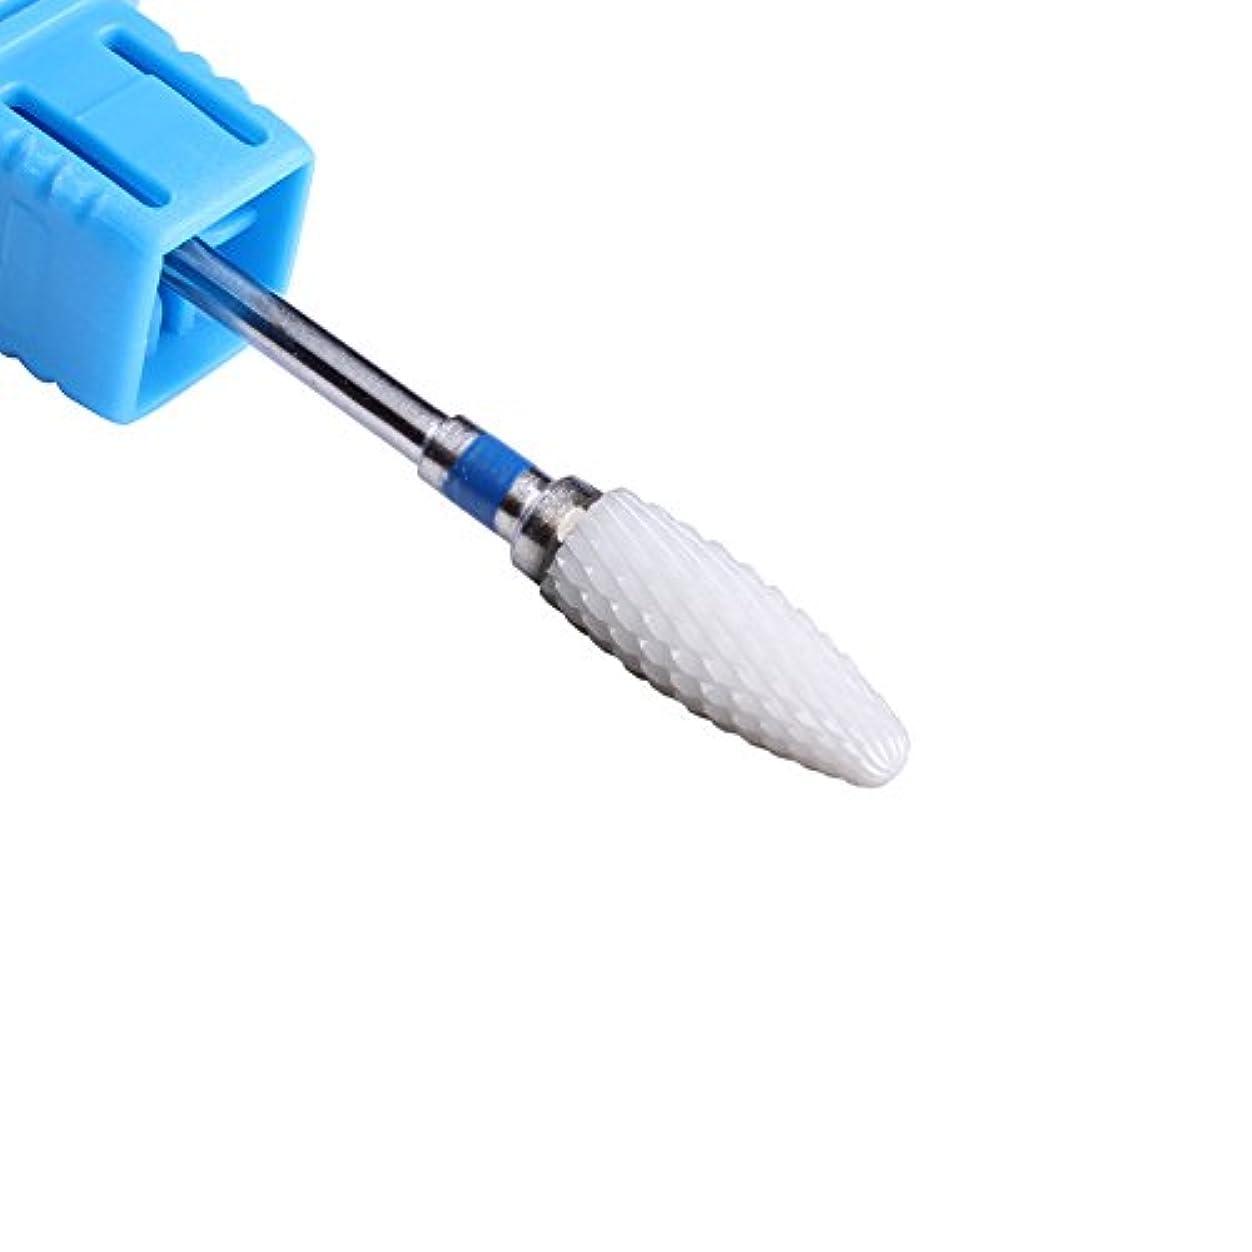 執着チャネルラックミディアム陶磁器ネイルドリルビット, 電気ドリルビット, アクリル UVゲル 除去ツール